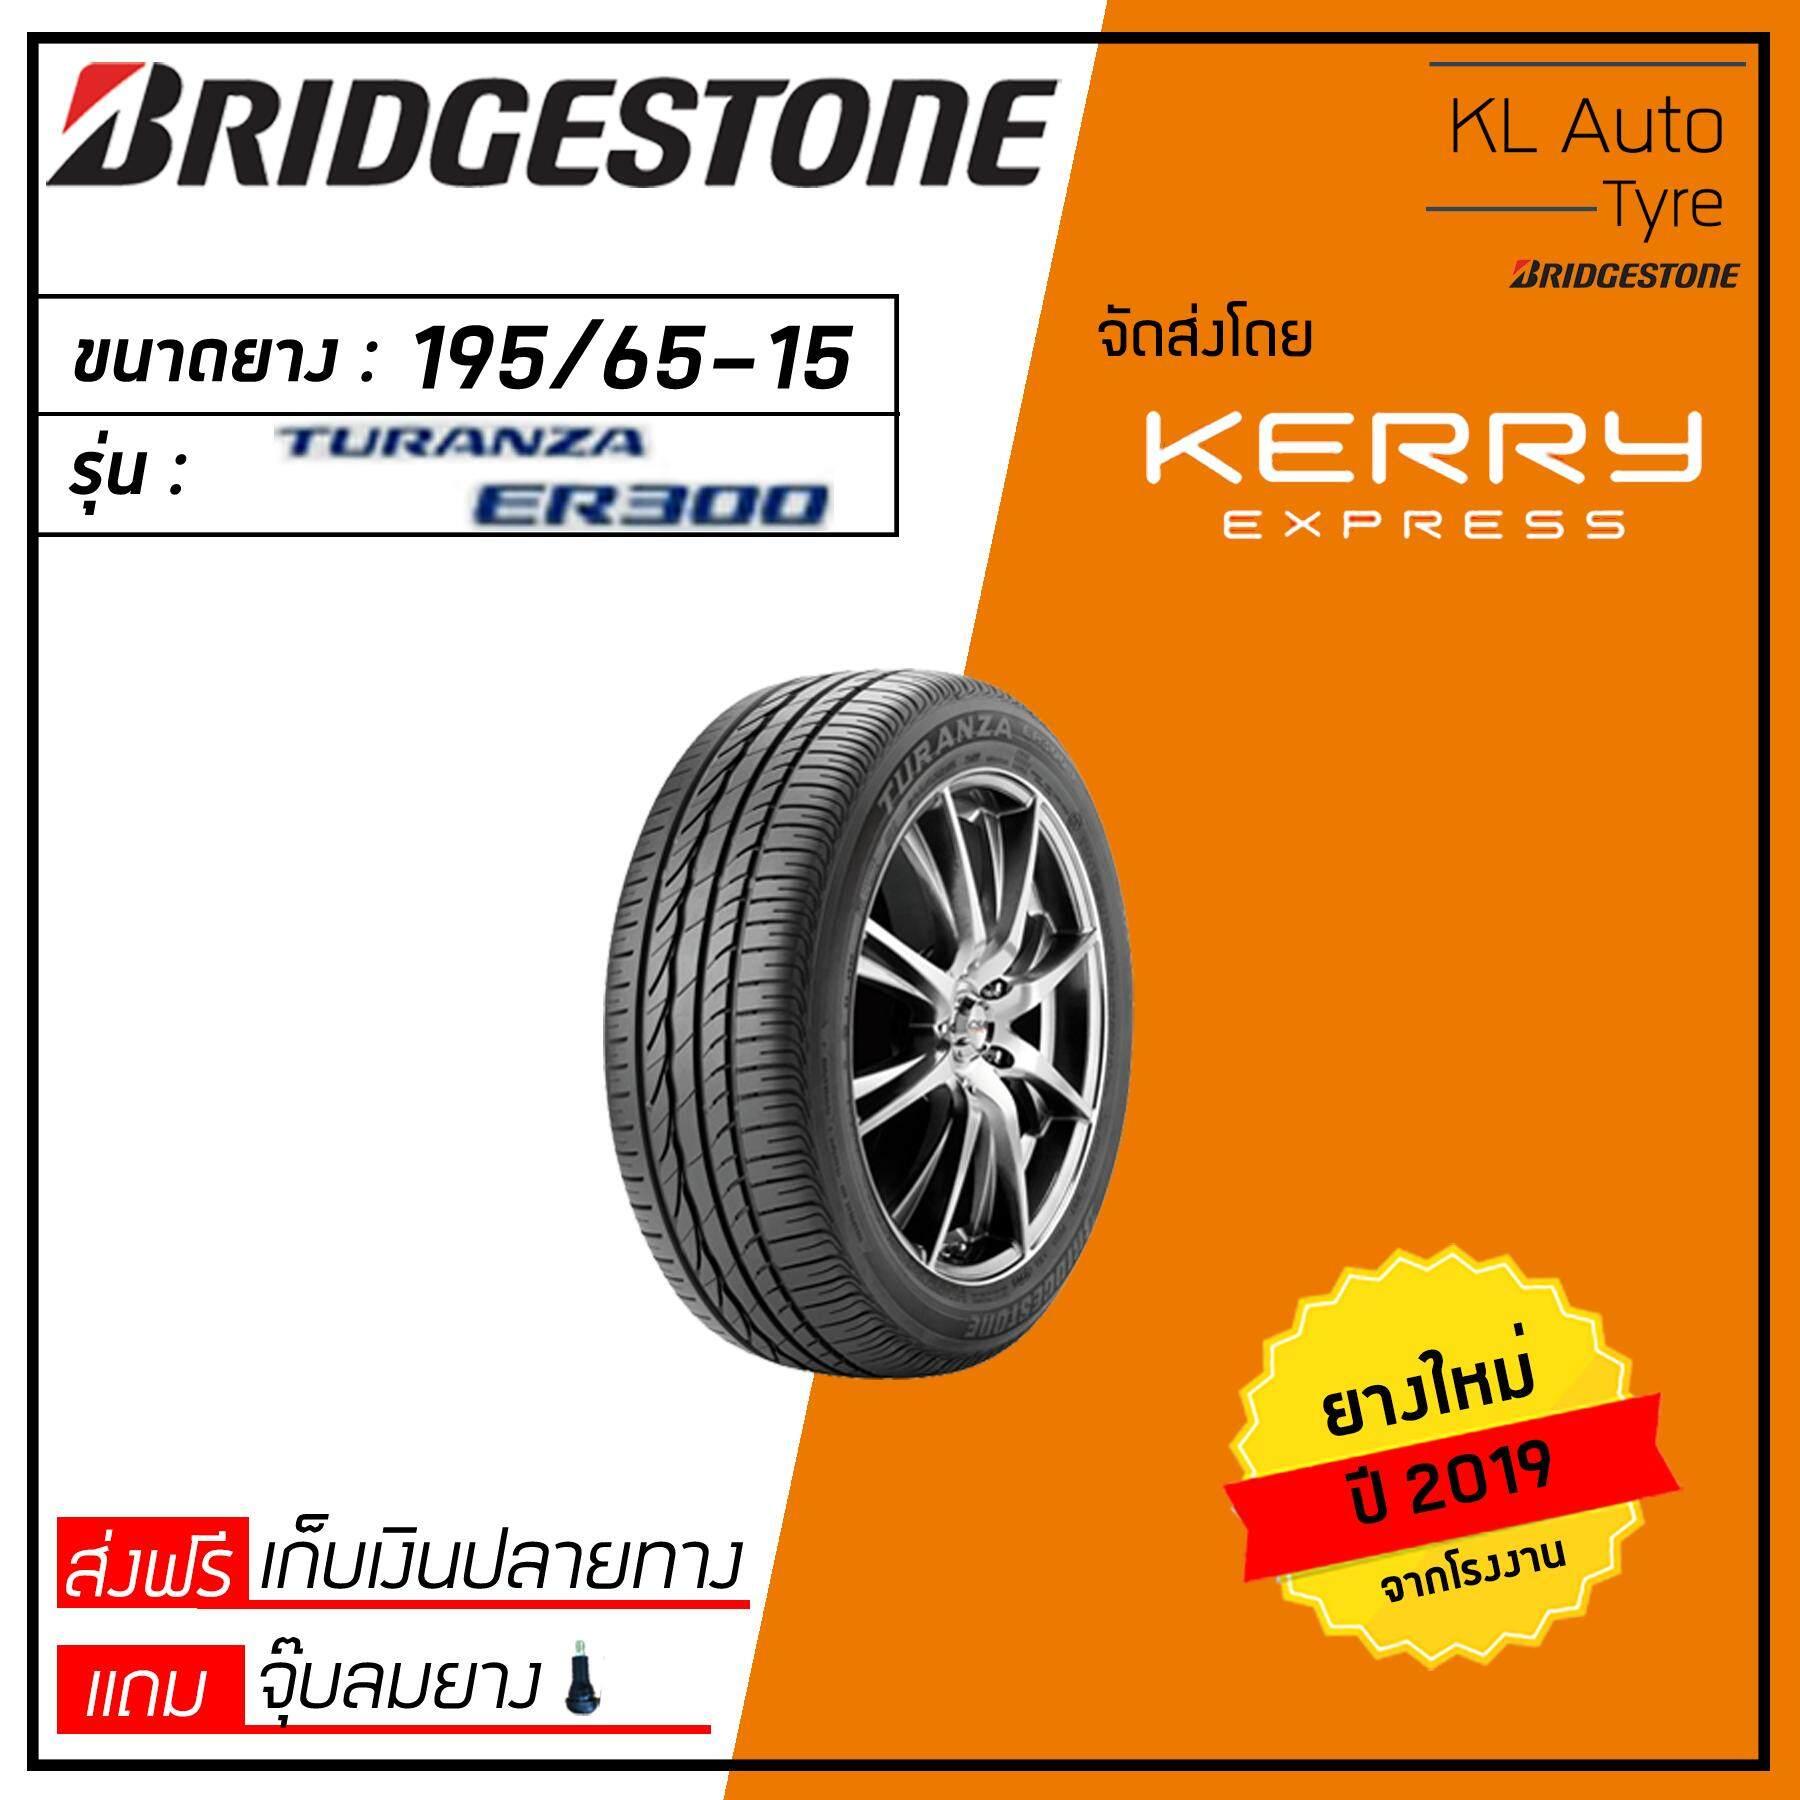 ประกันภัย รถยนต์ 2+ นครนายก Bridgestone 195/65-15 ER300 1 เส้น ปี 19 (ฟรี จุ๊บยาง 1 ตัว มูลค่า 50 บาท)